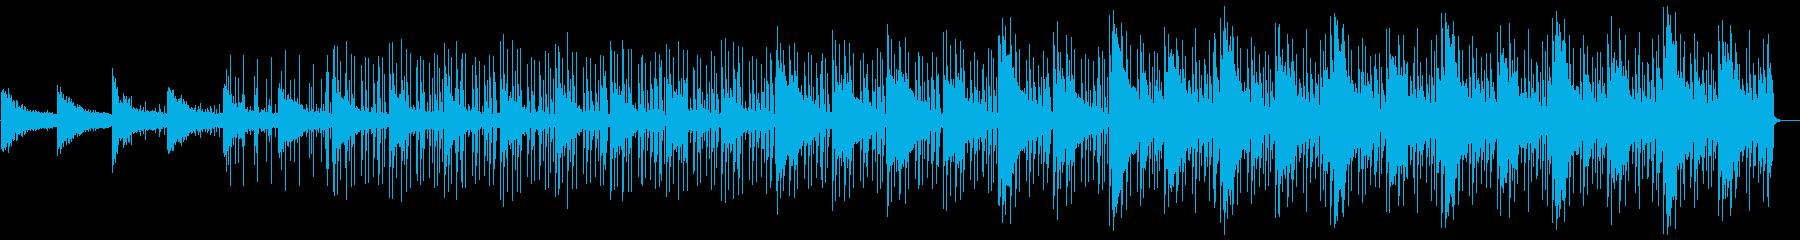 クールで軽やかなエレクトロBGMの再生済みの波形